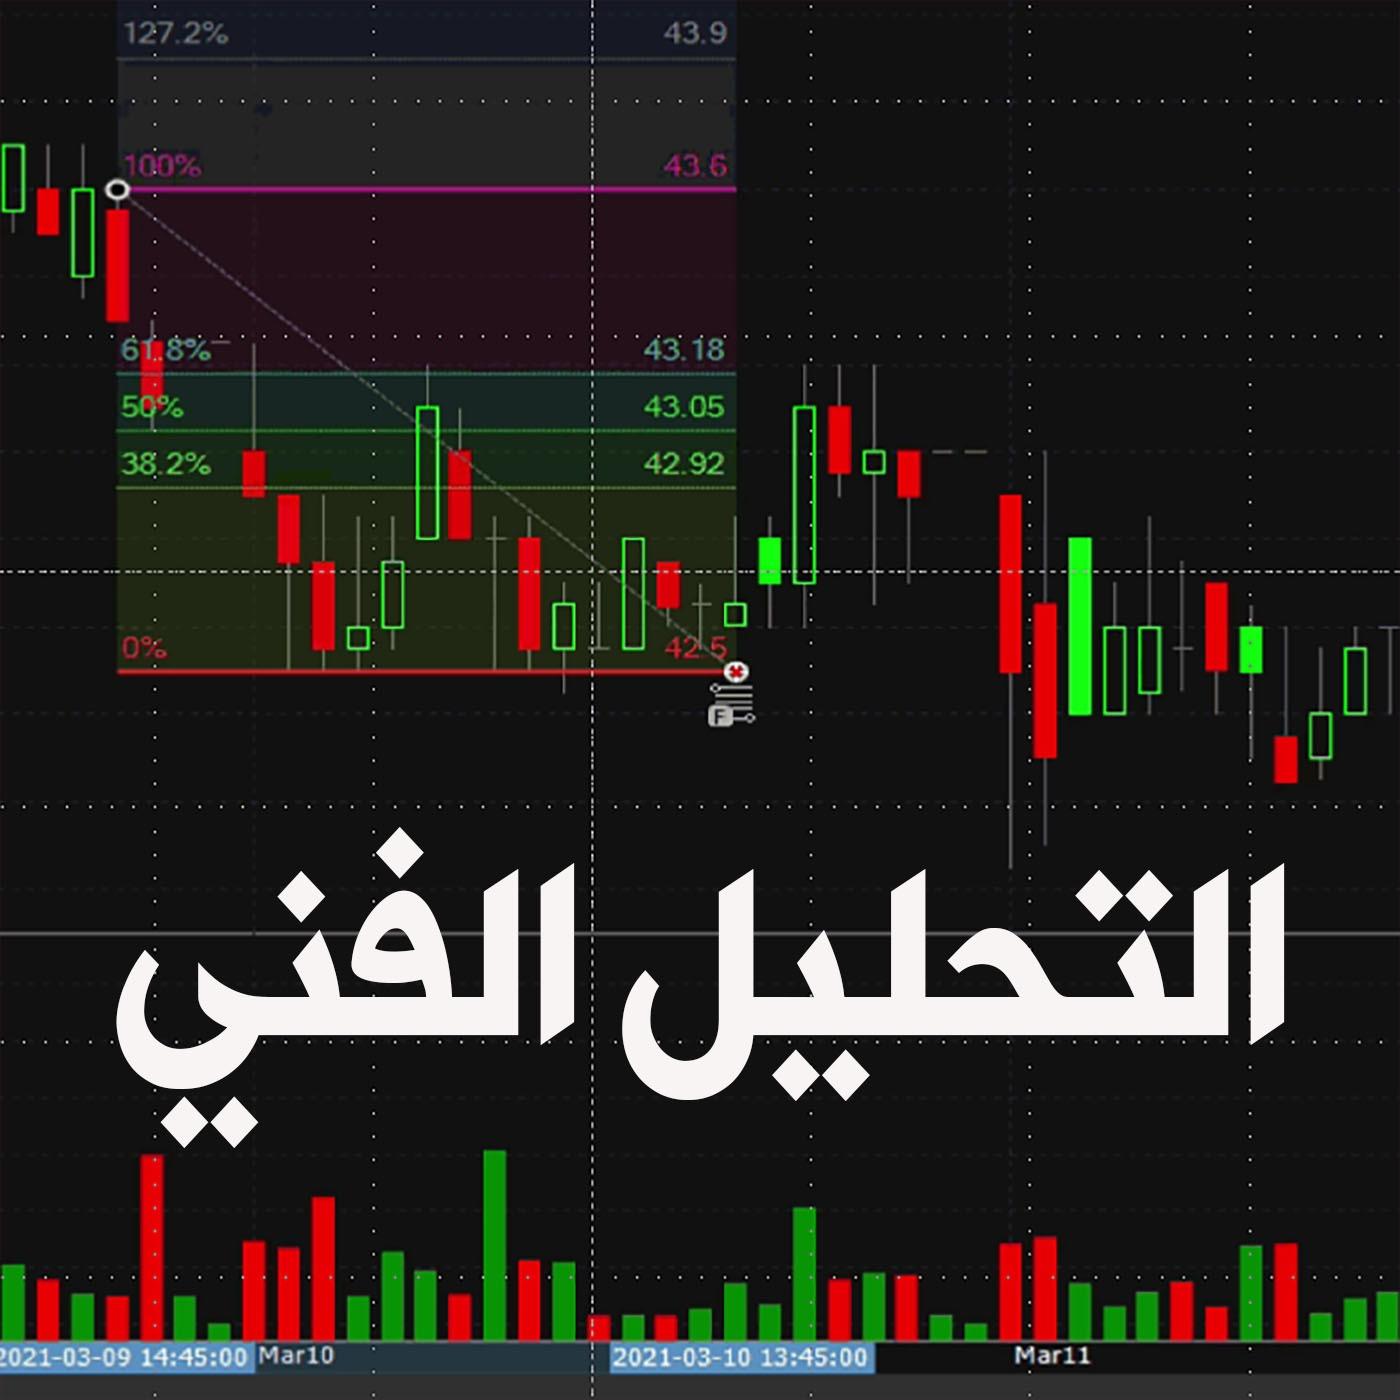 دورة التحليل الفني للمبتدئين كاملة لتعليم تحليل الاسهم السعودية وتحليل العملات الرقمية